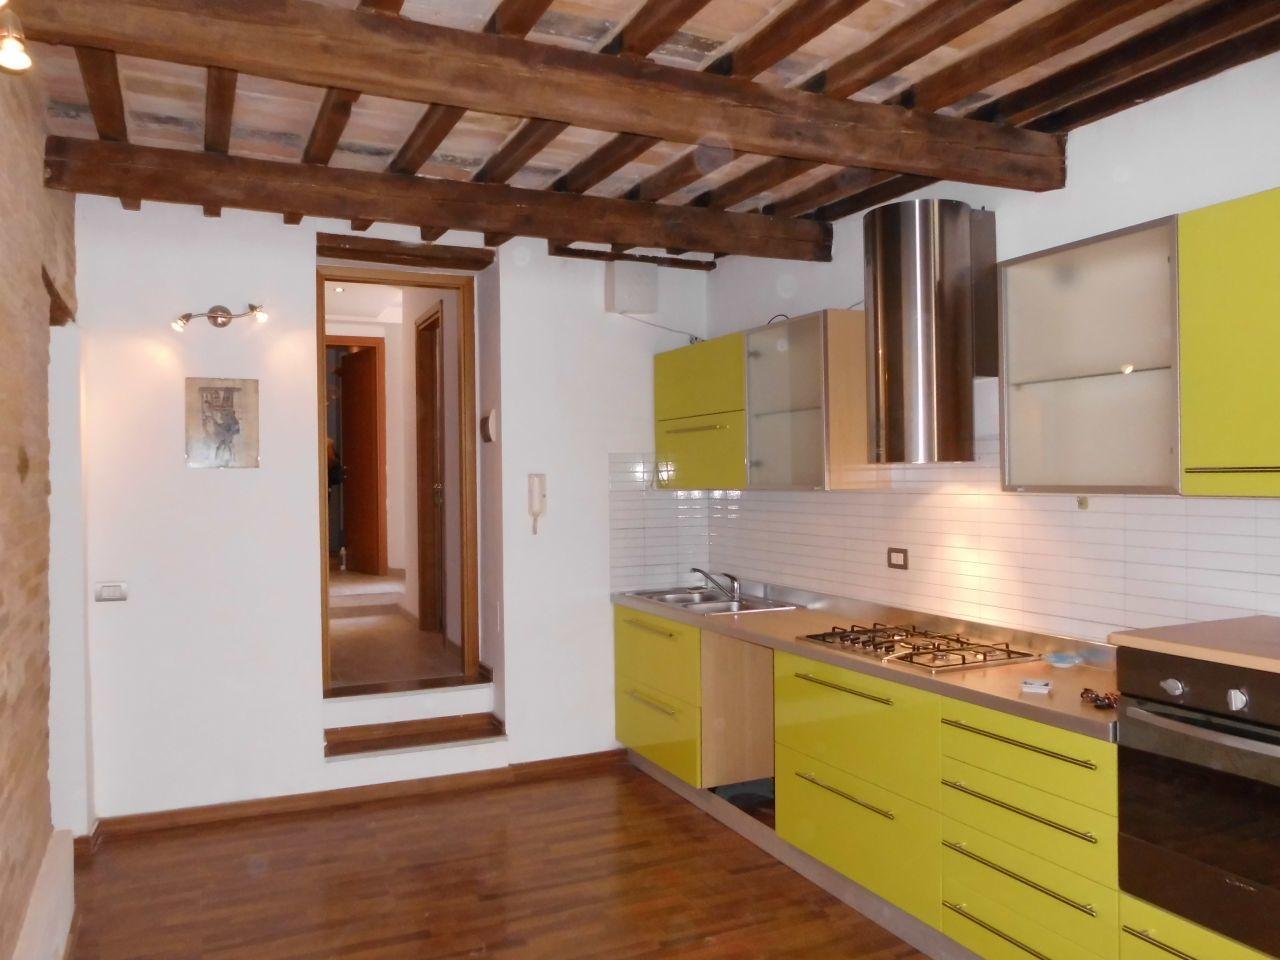 Soluzione Indipendente in vendita a Jesi, 4 locali, prezzo € 90.000 | Cambio Casa.it